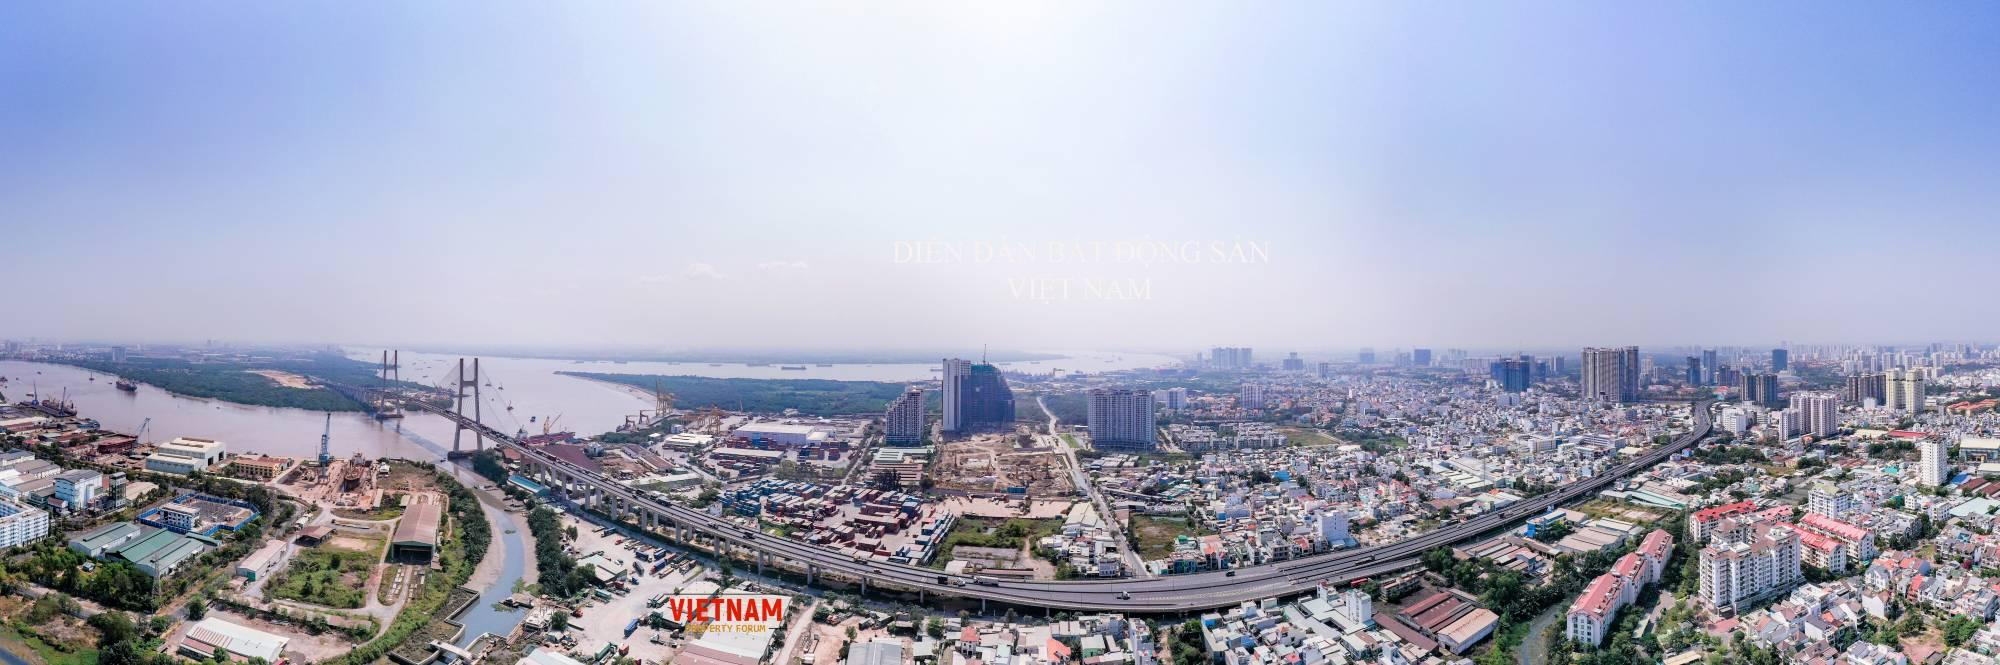 Đào Trí hiện nay được gọi là cung đường tỷ đô vì có nhiều dự án lớn đang triển khai